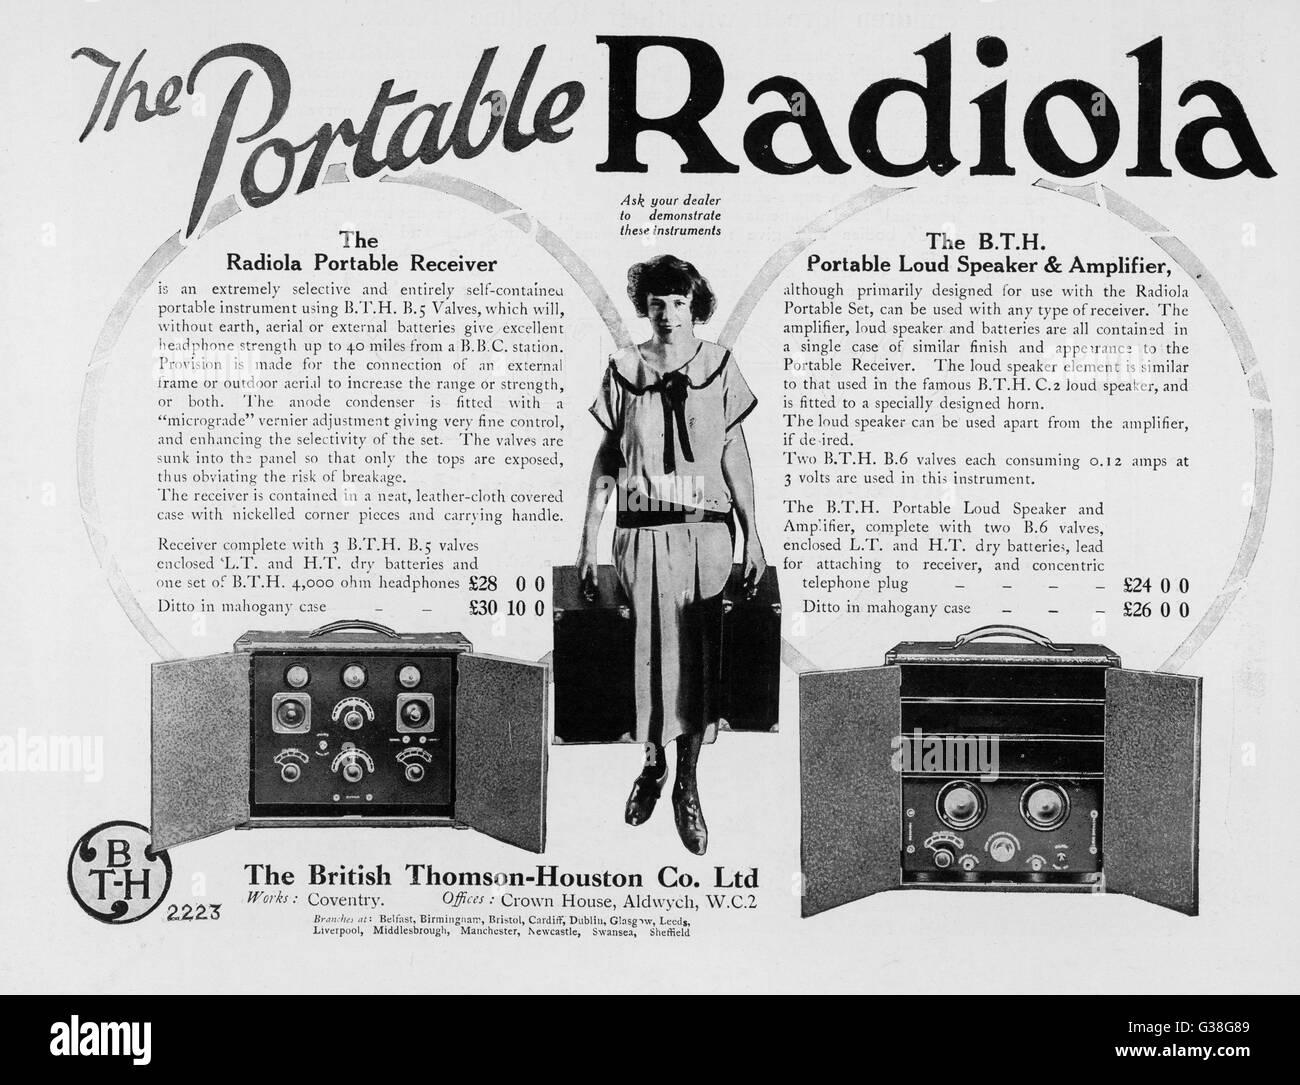 Die Portable (gut, Art) RADIOLA Empfänger, Lautsprecher und Verstärker Datum: 1924 Stockbild